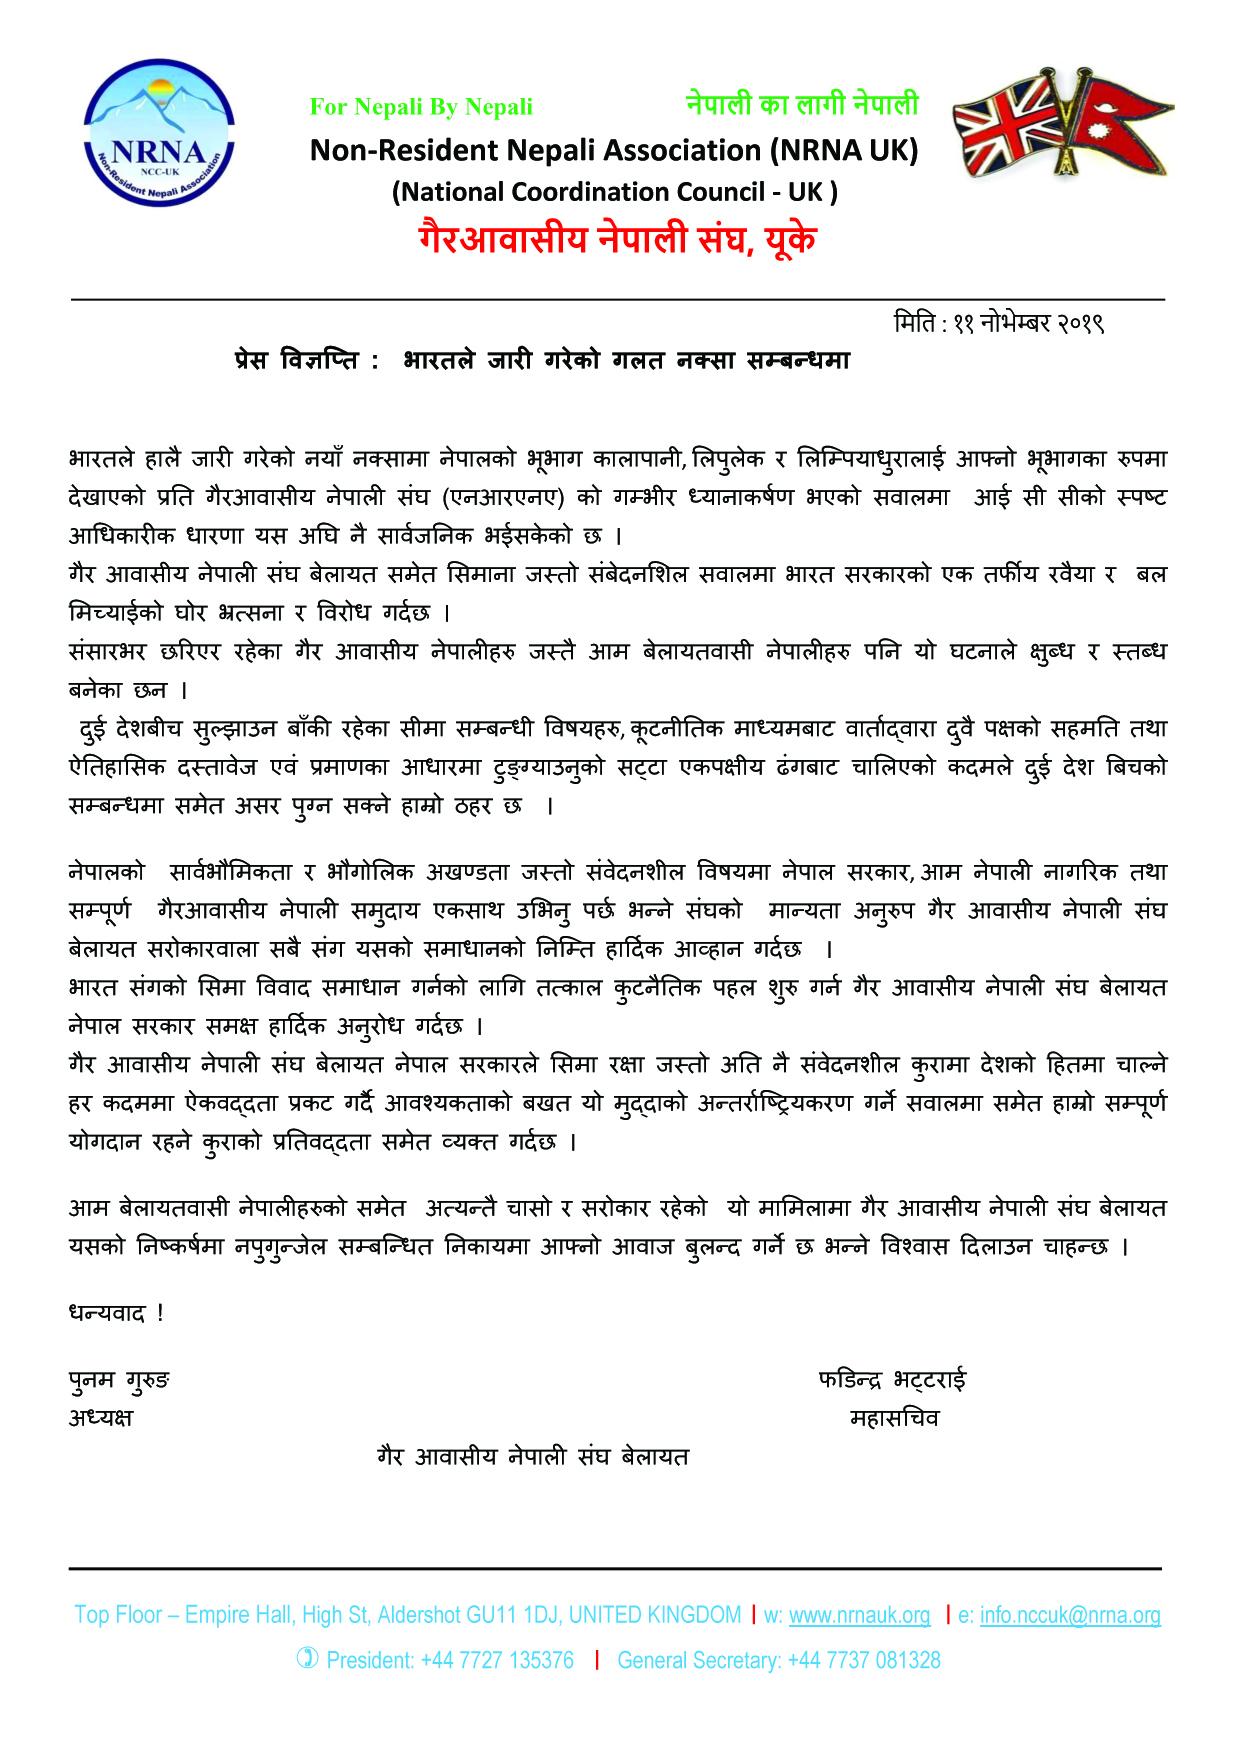 प्रेस विज्ञप्ति : भारतले जारी गरेको गलत नक्सा सम्बन्धमा